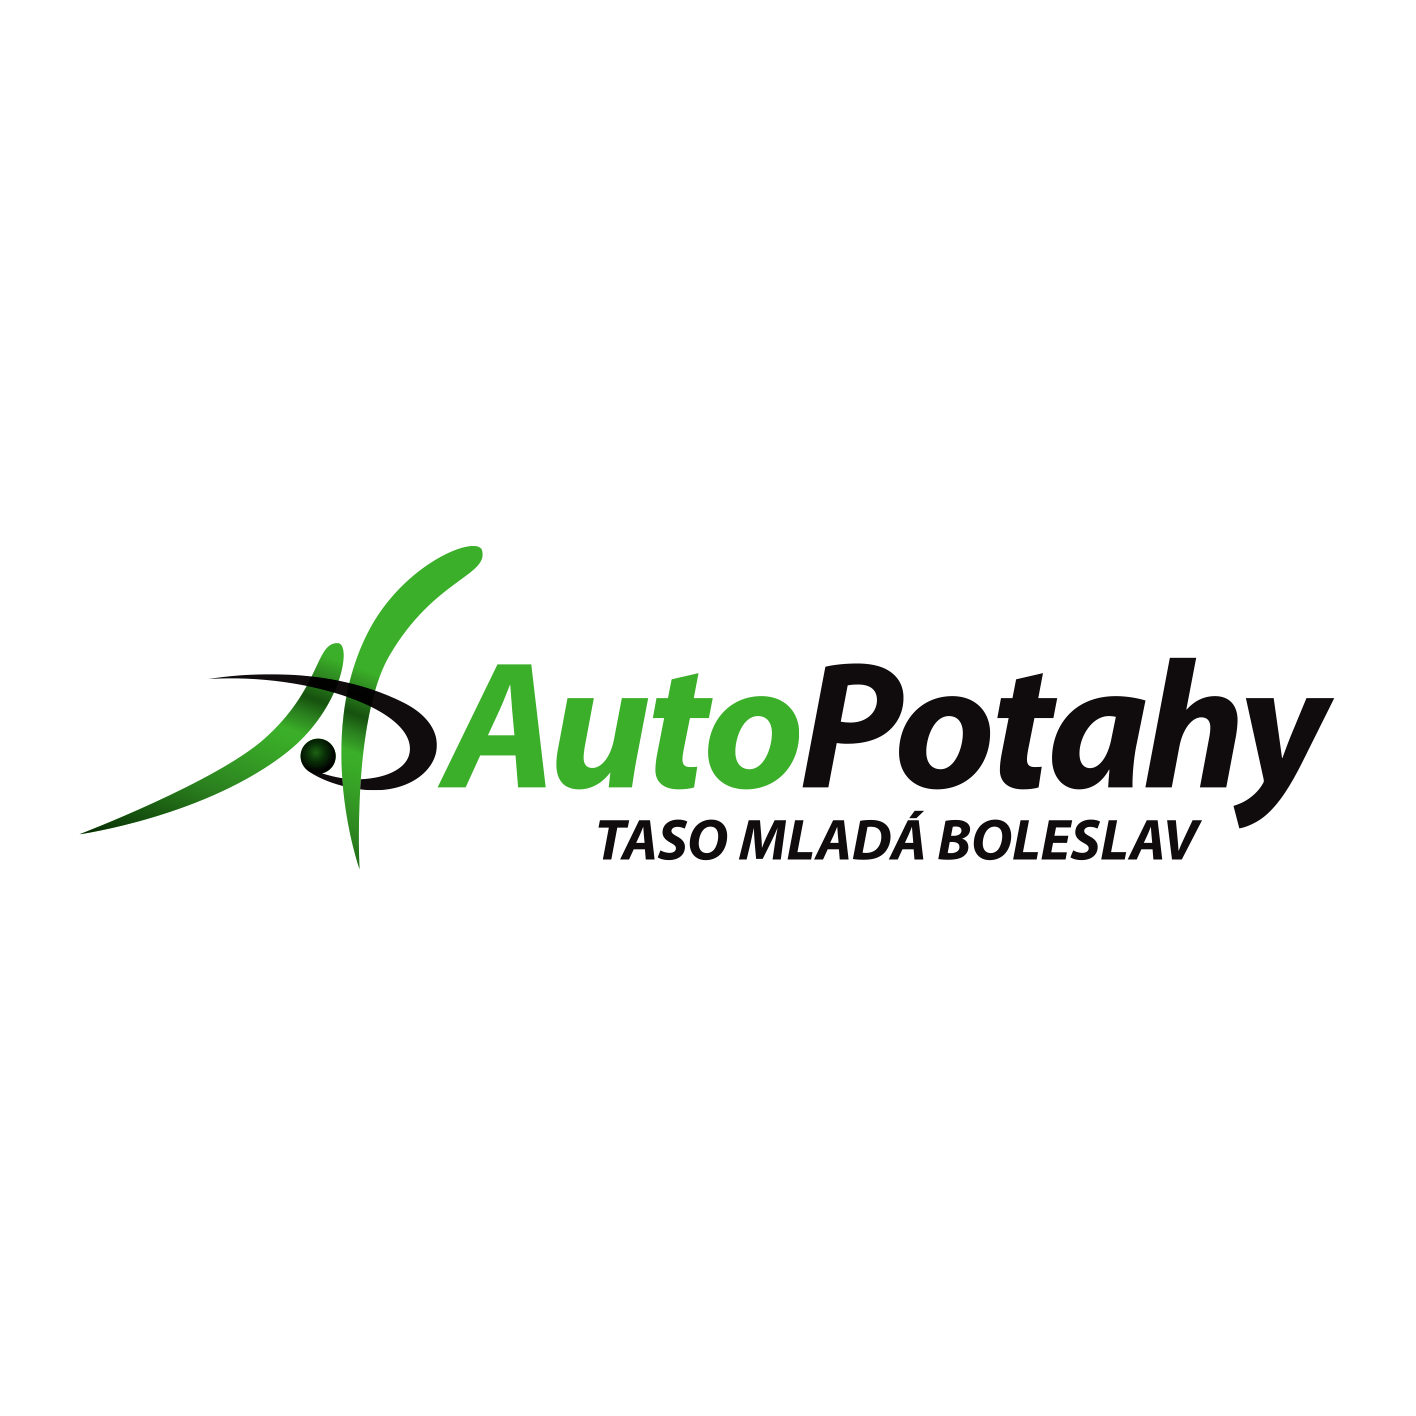 Jaroslav Šťastný - Autopotahy TASO